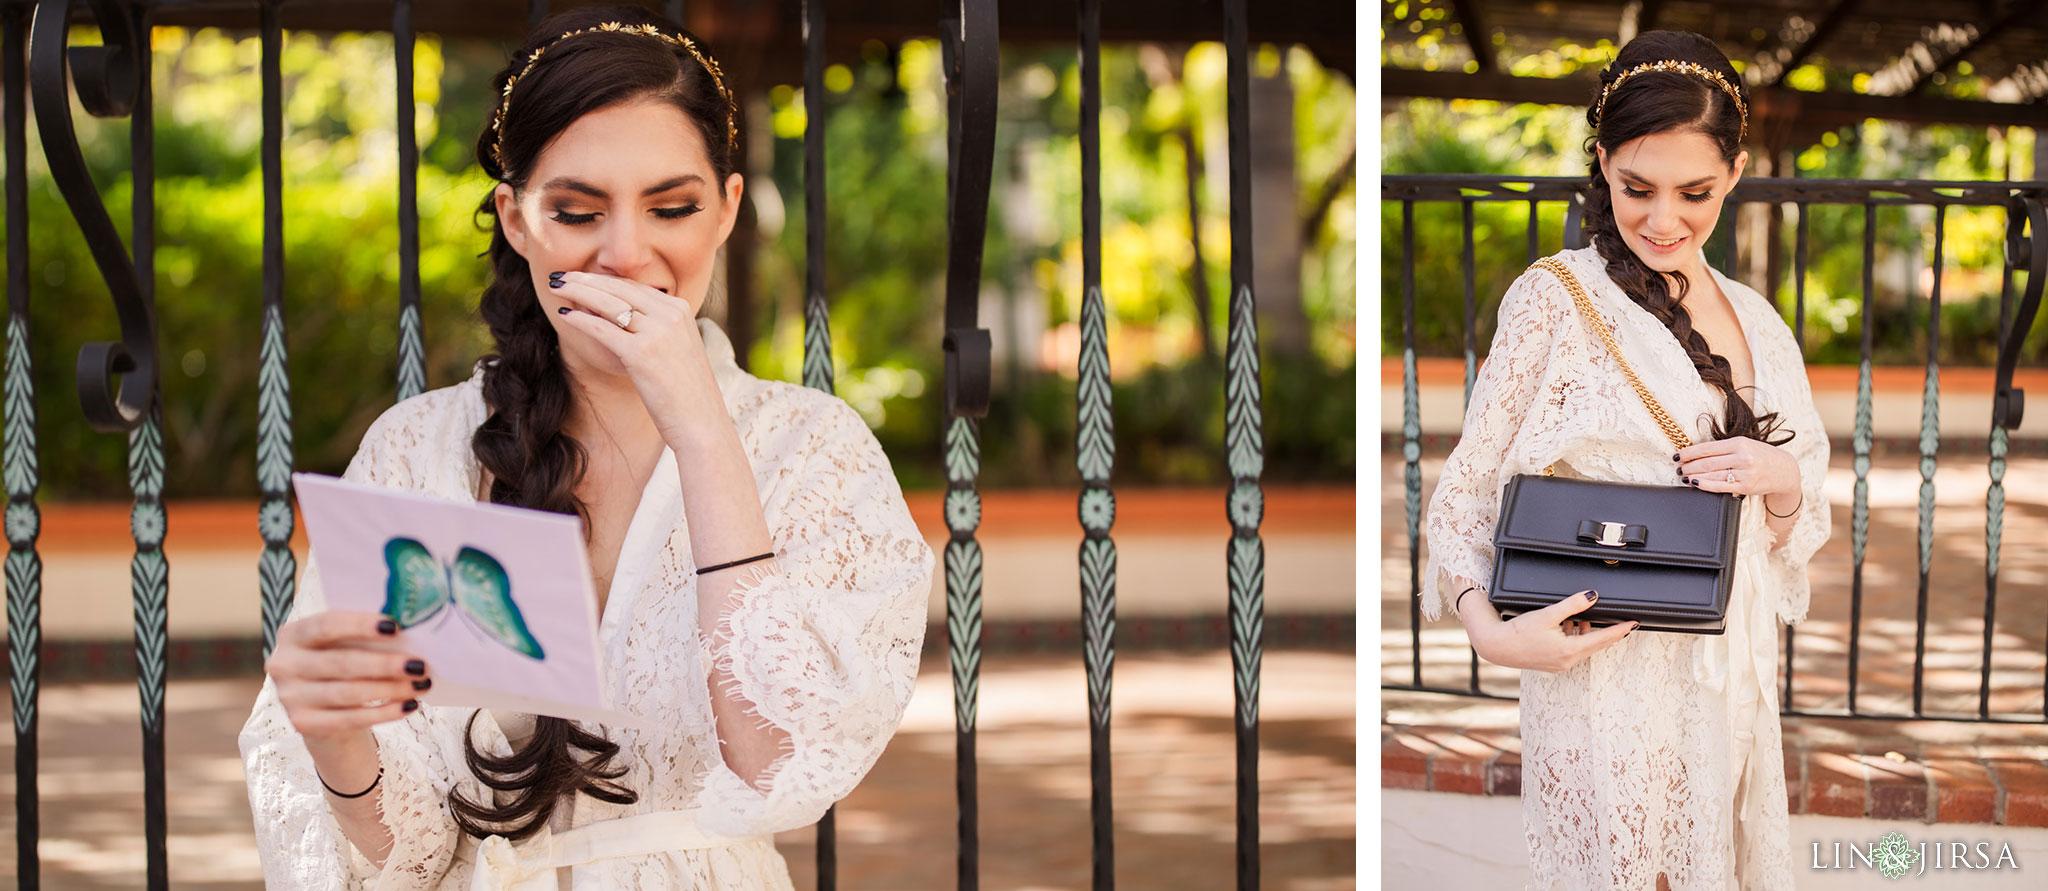 06 Rancho Las Lomas Silverado Wedding Photography